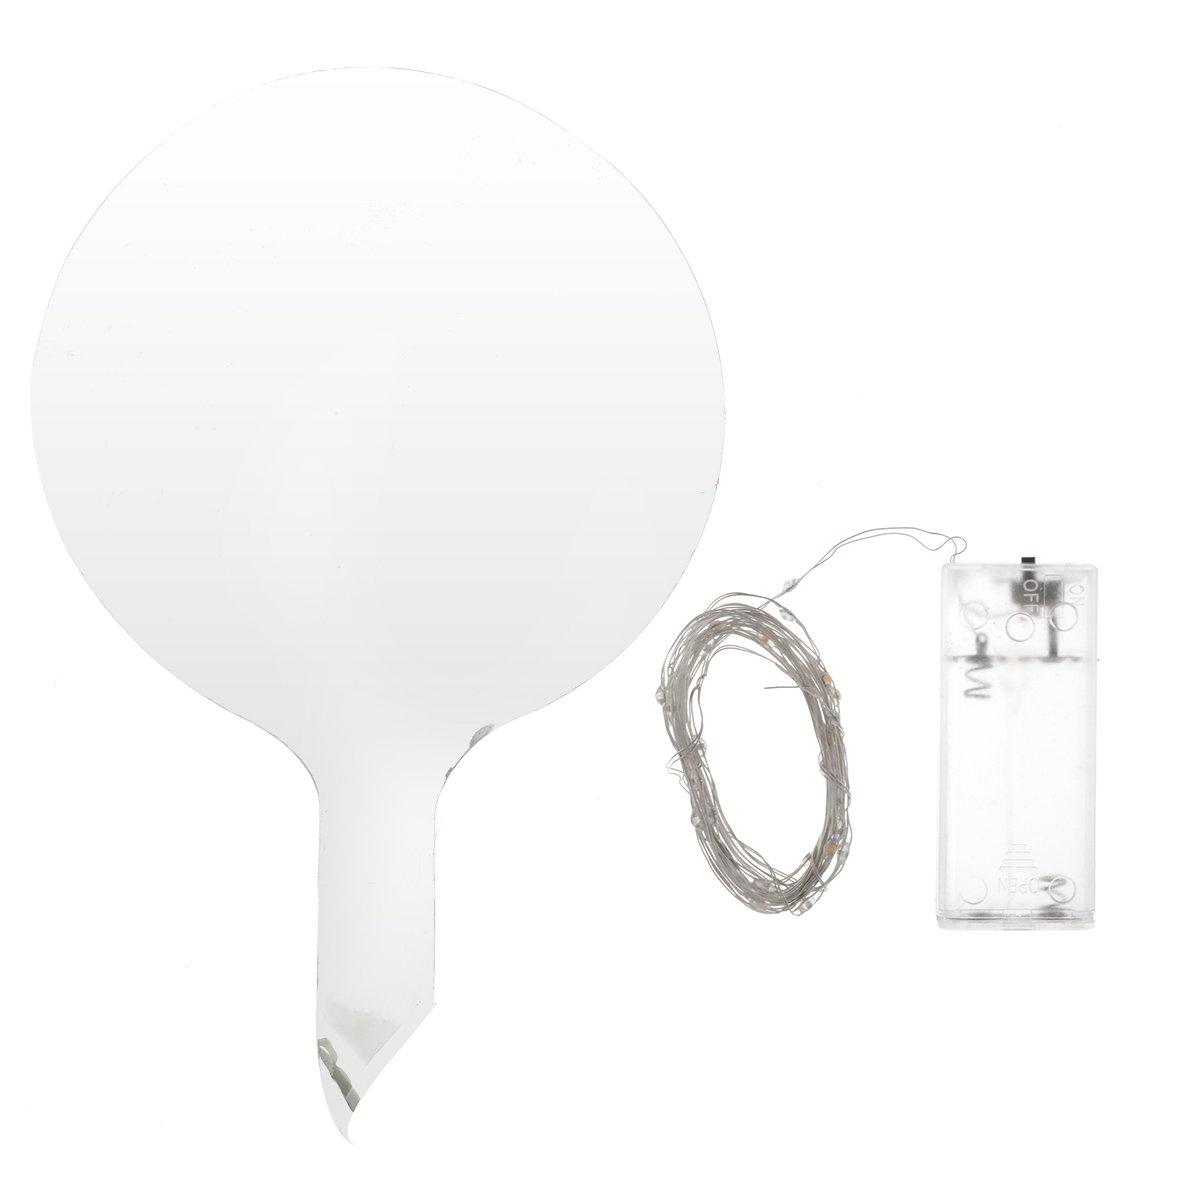 YiZYiF LED Light Up Boboバルーン透明18インチ光グローバブルバルーンでカラフルな文字列ライト誕生日パーティーウェディングデコレーション用電池式   B07F87P852